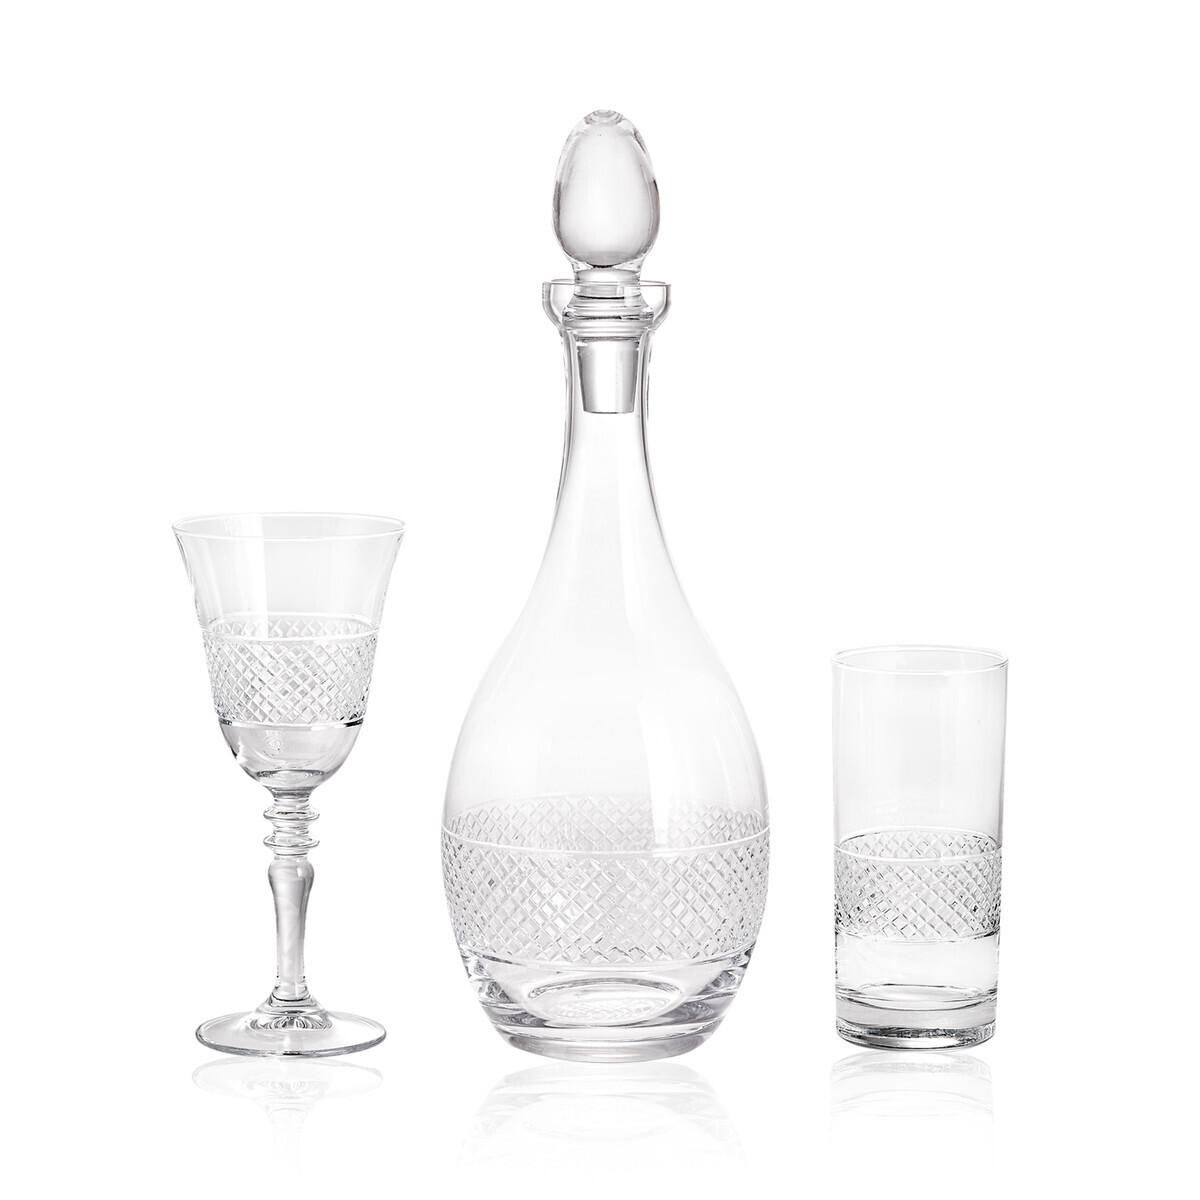 KARACA MEYRA 25 Pieces GLASS SET